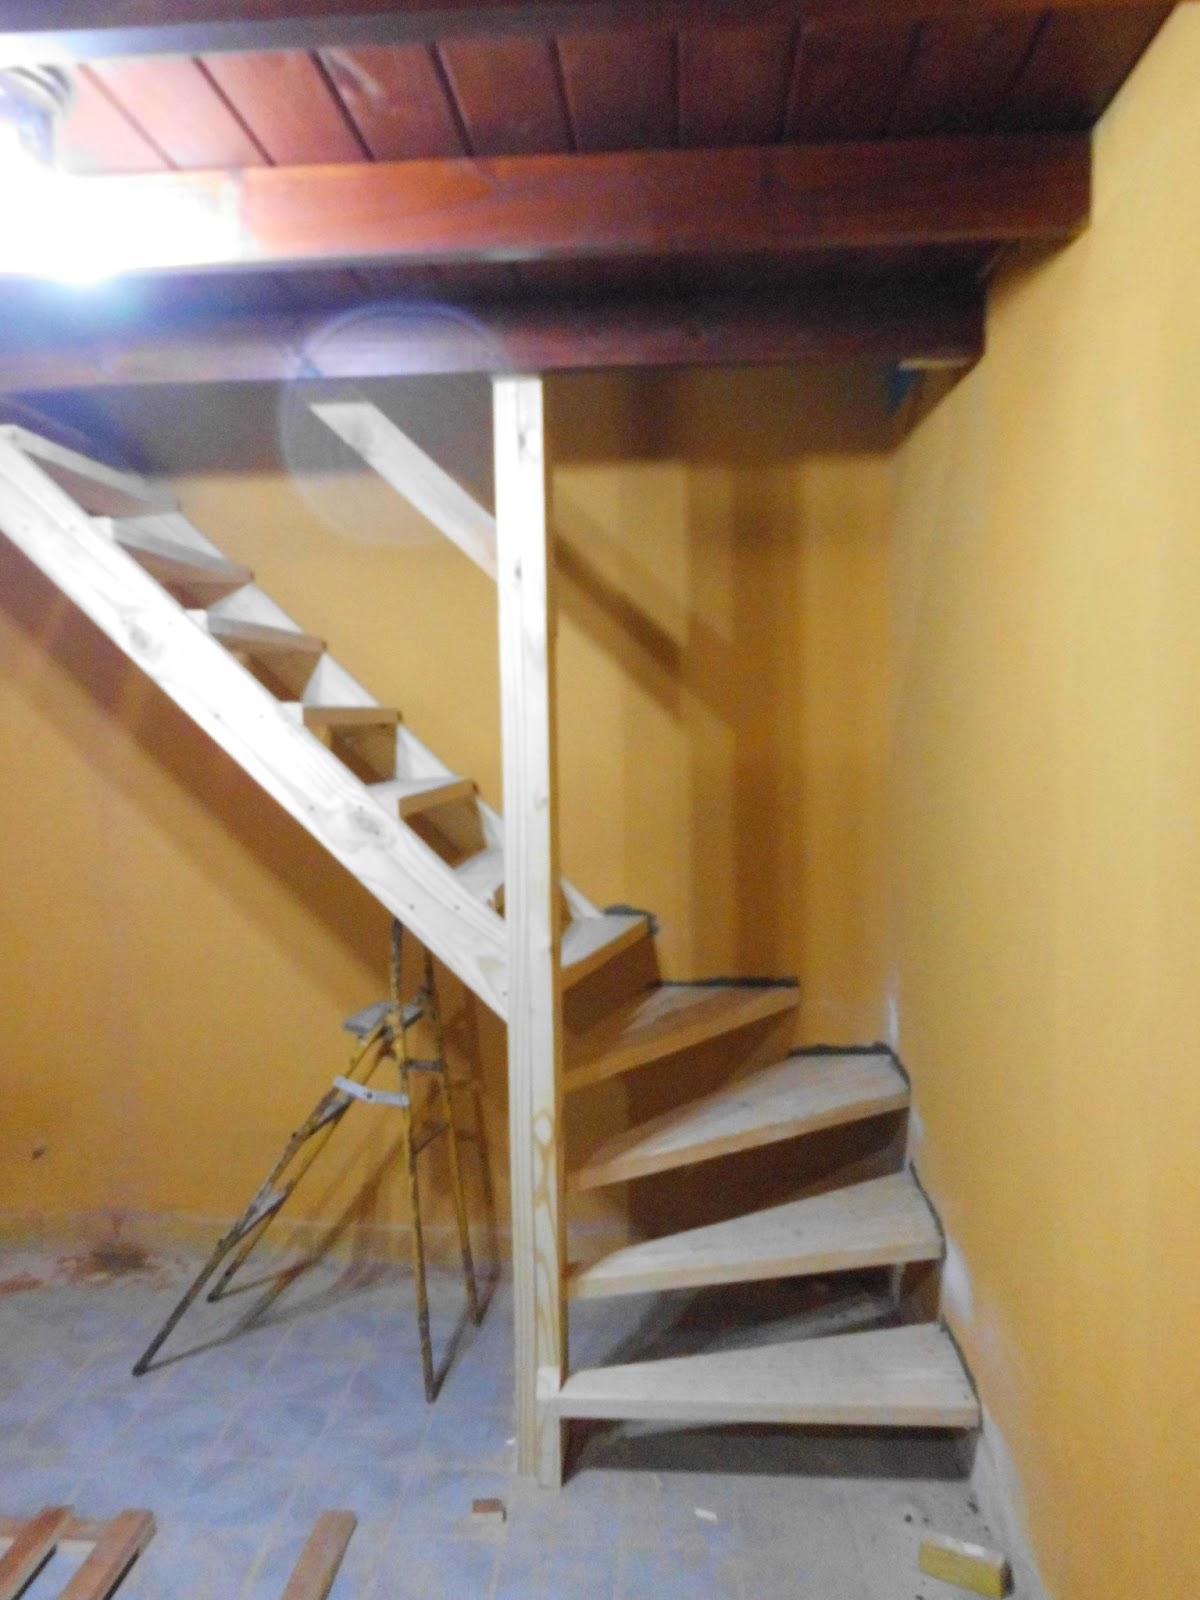 Entrepisos de madera escaleras escaleras - Escalera hierro y madera ...